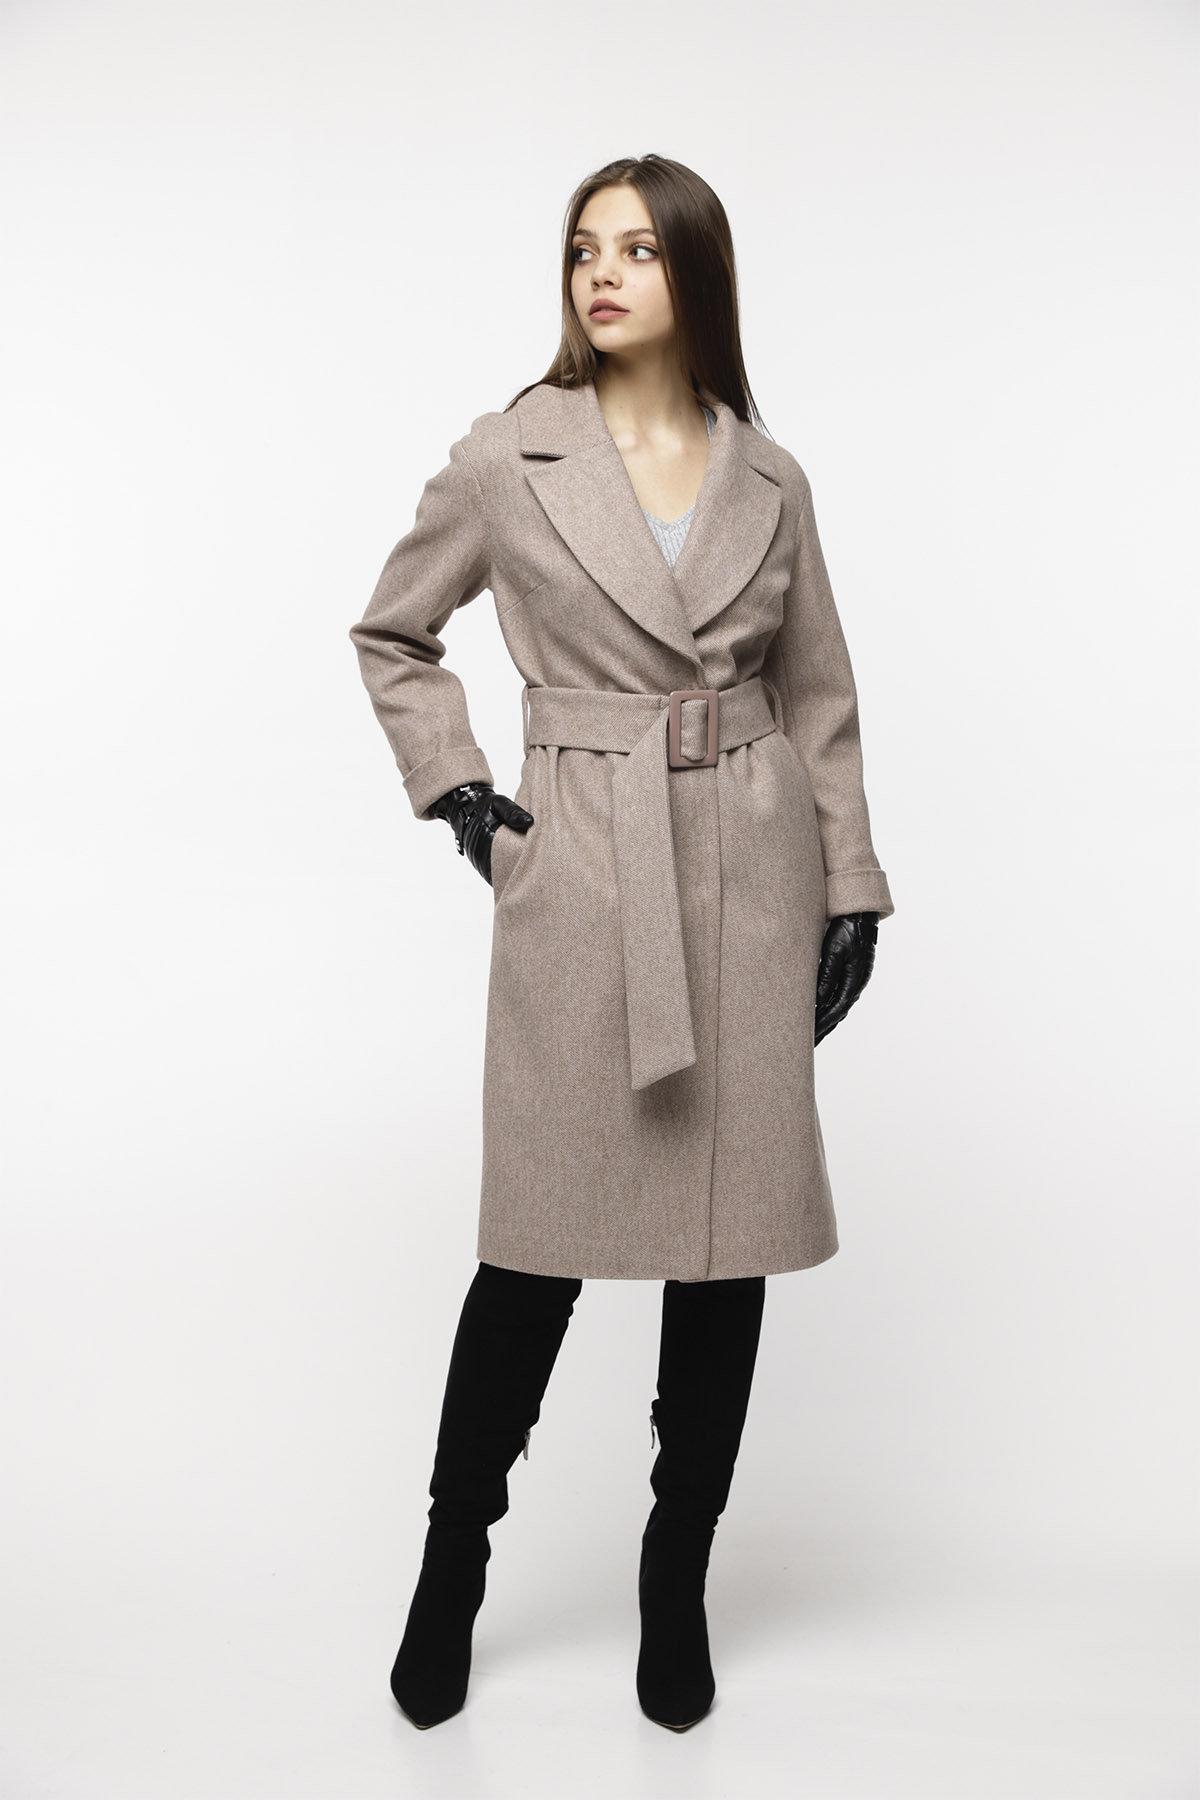 Демисезонное пальто бежевого цвета Севен 8757 АРТ. 45113 Цвет: Бежевый - фото 2, интернет магазин tm-modus.ru